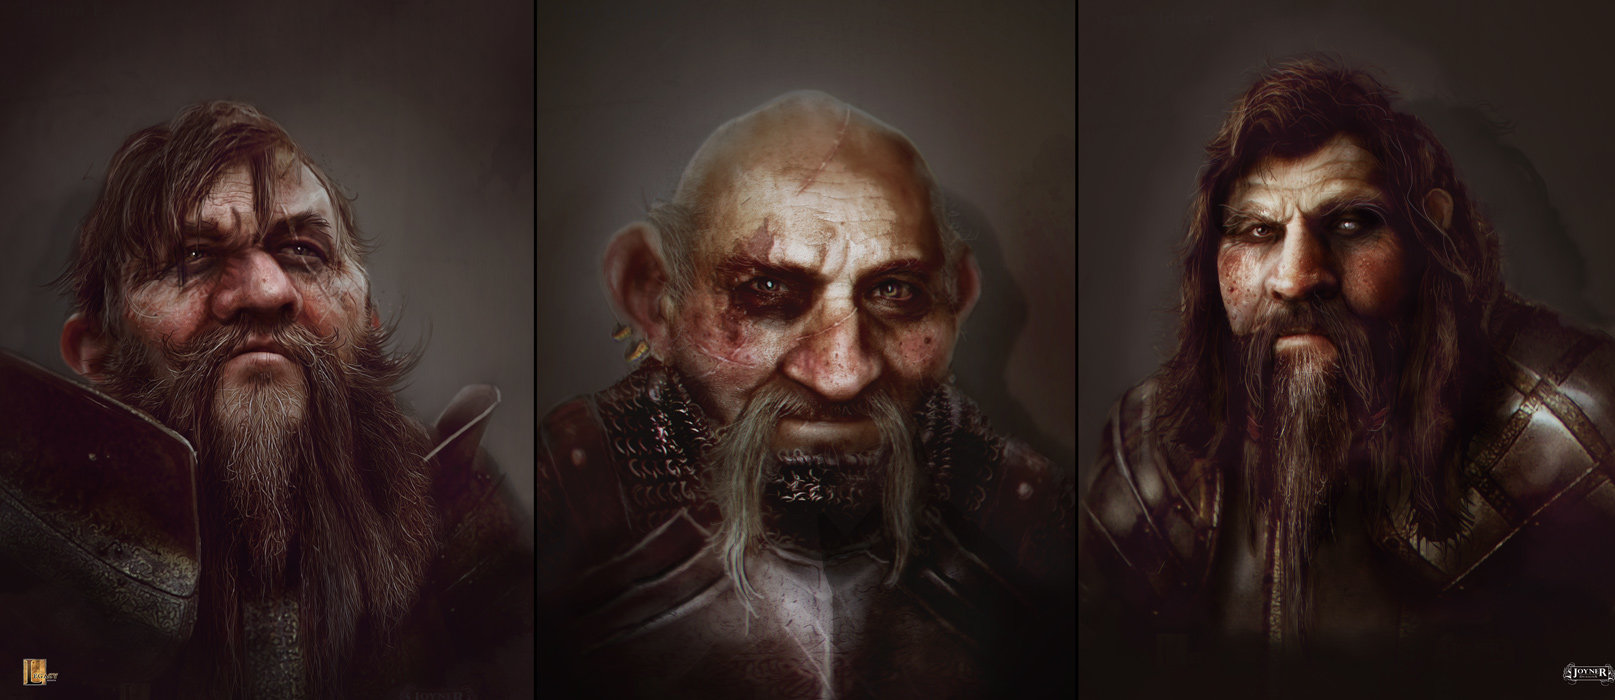 Ian joyner dwarves